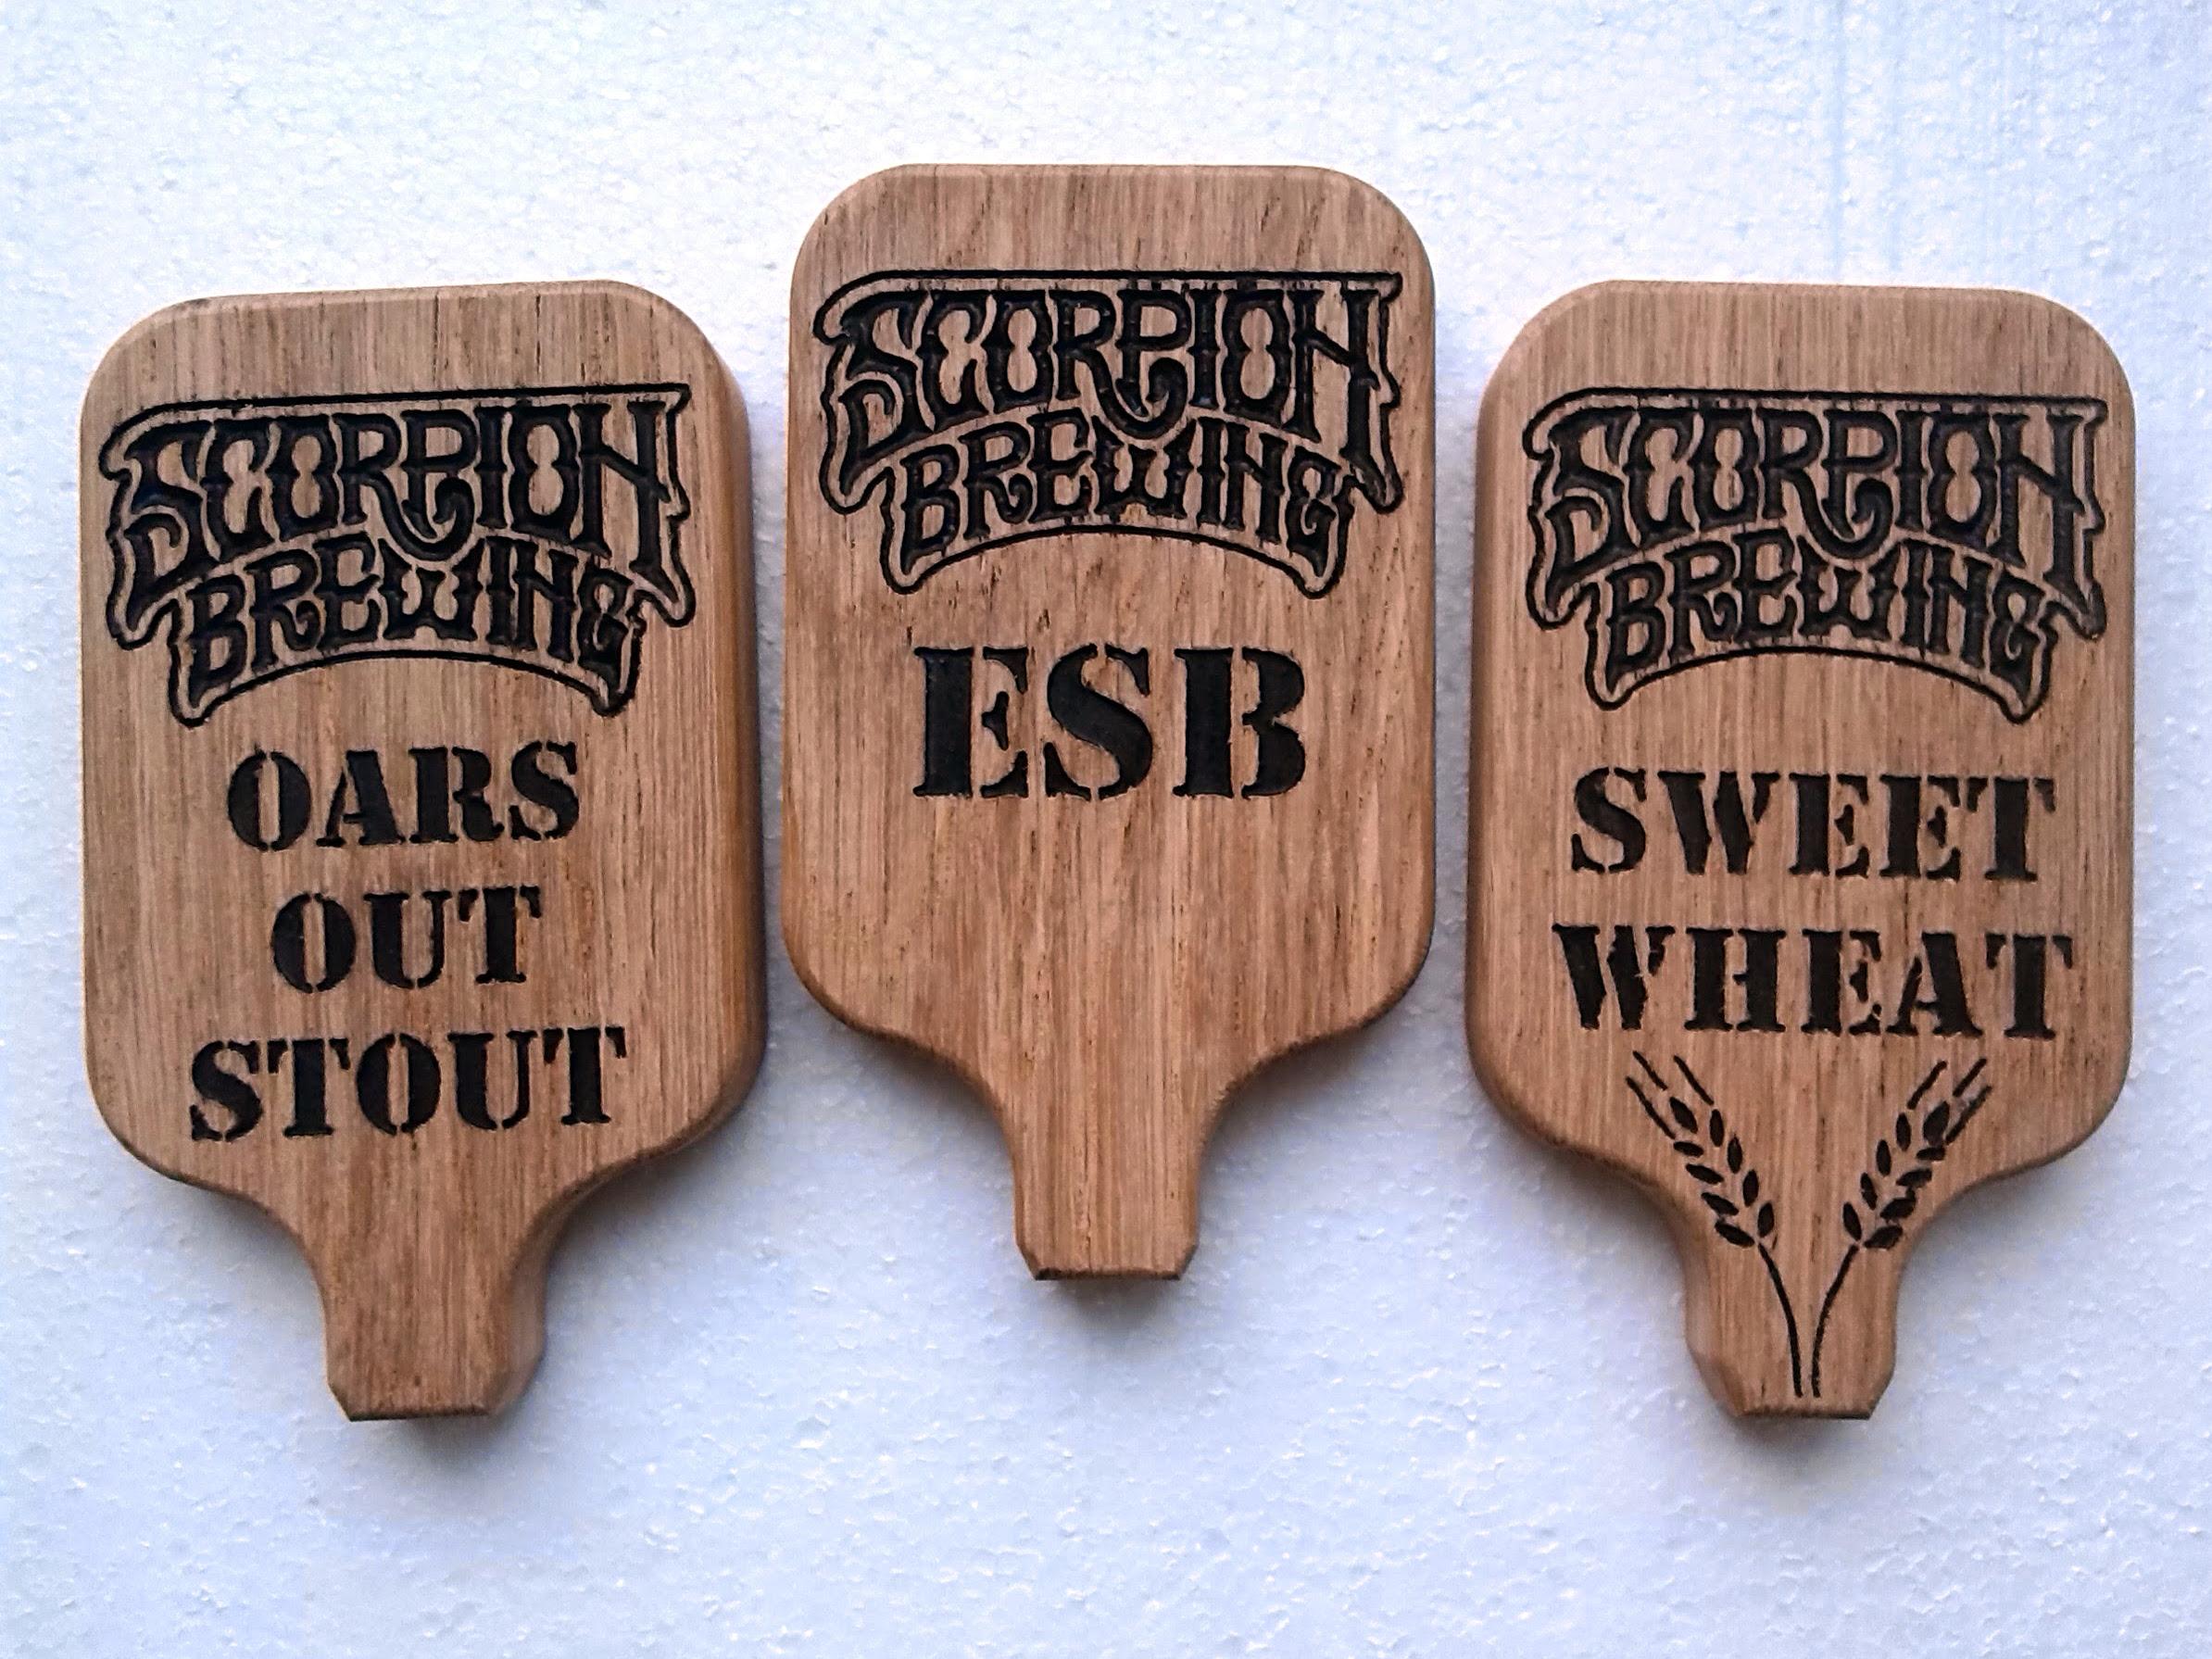 Oak wood beer tap handle for brewery